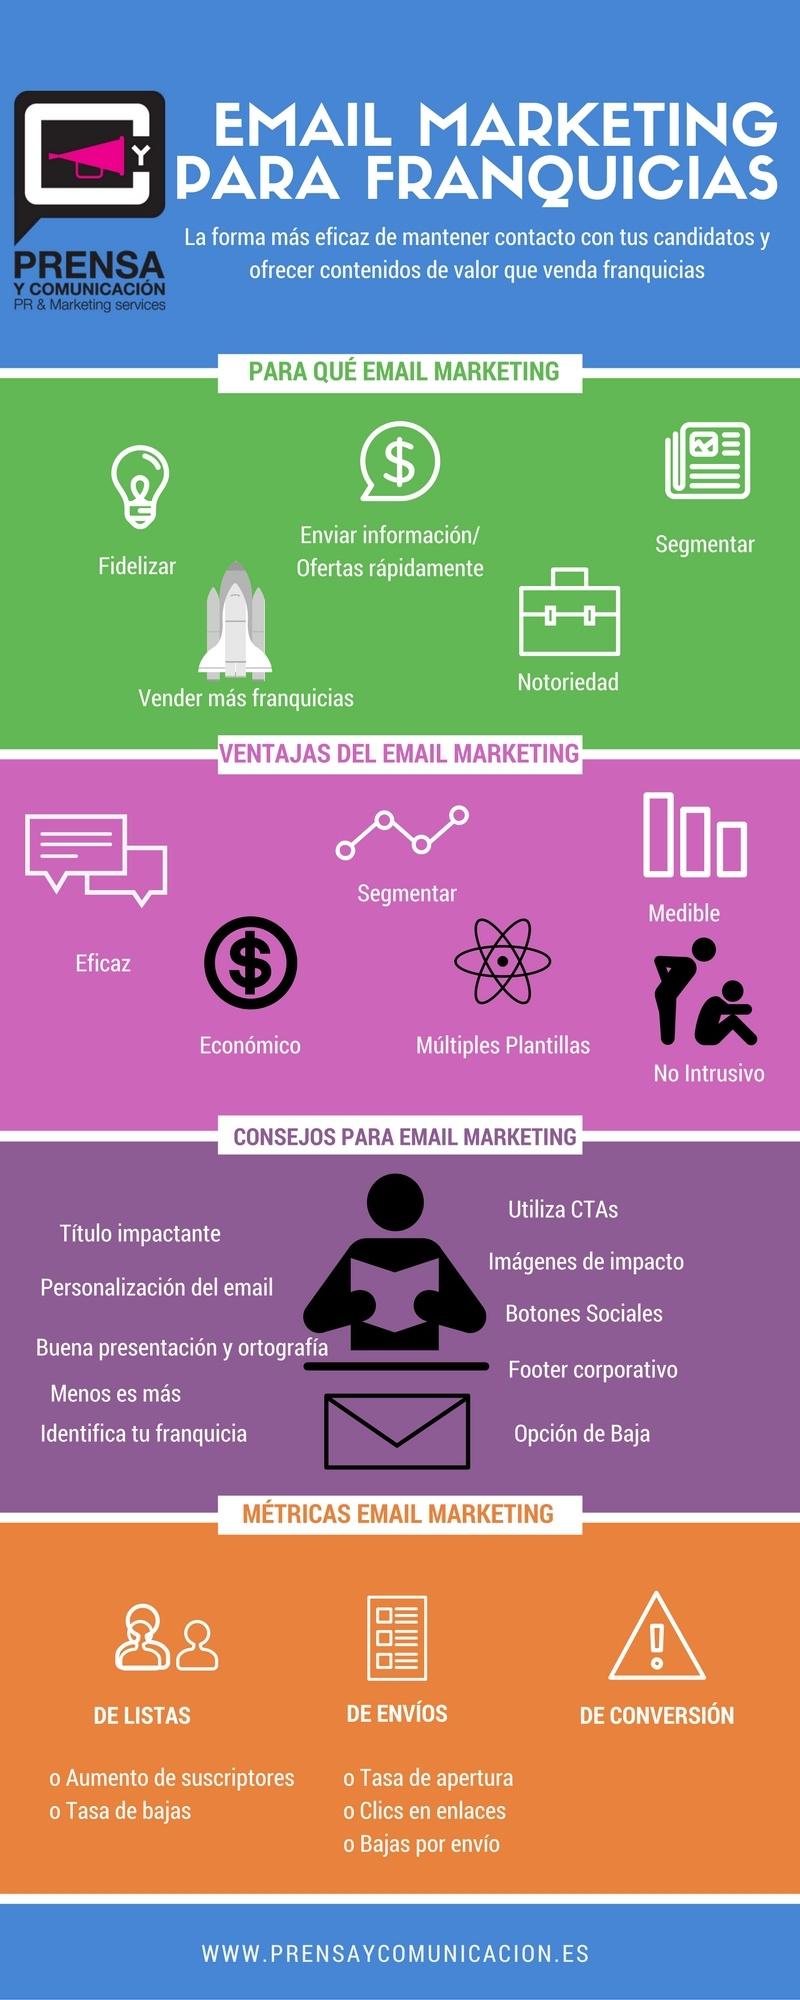 eMail marketing para franquicias